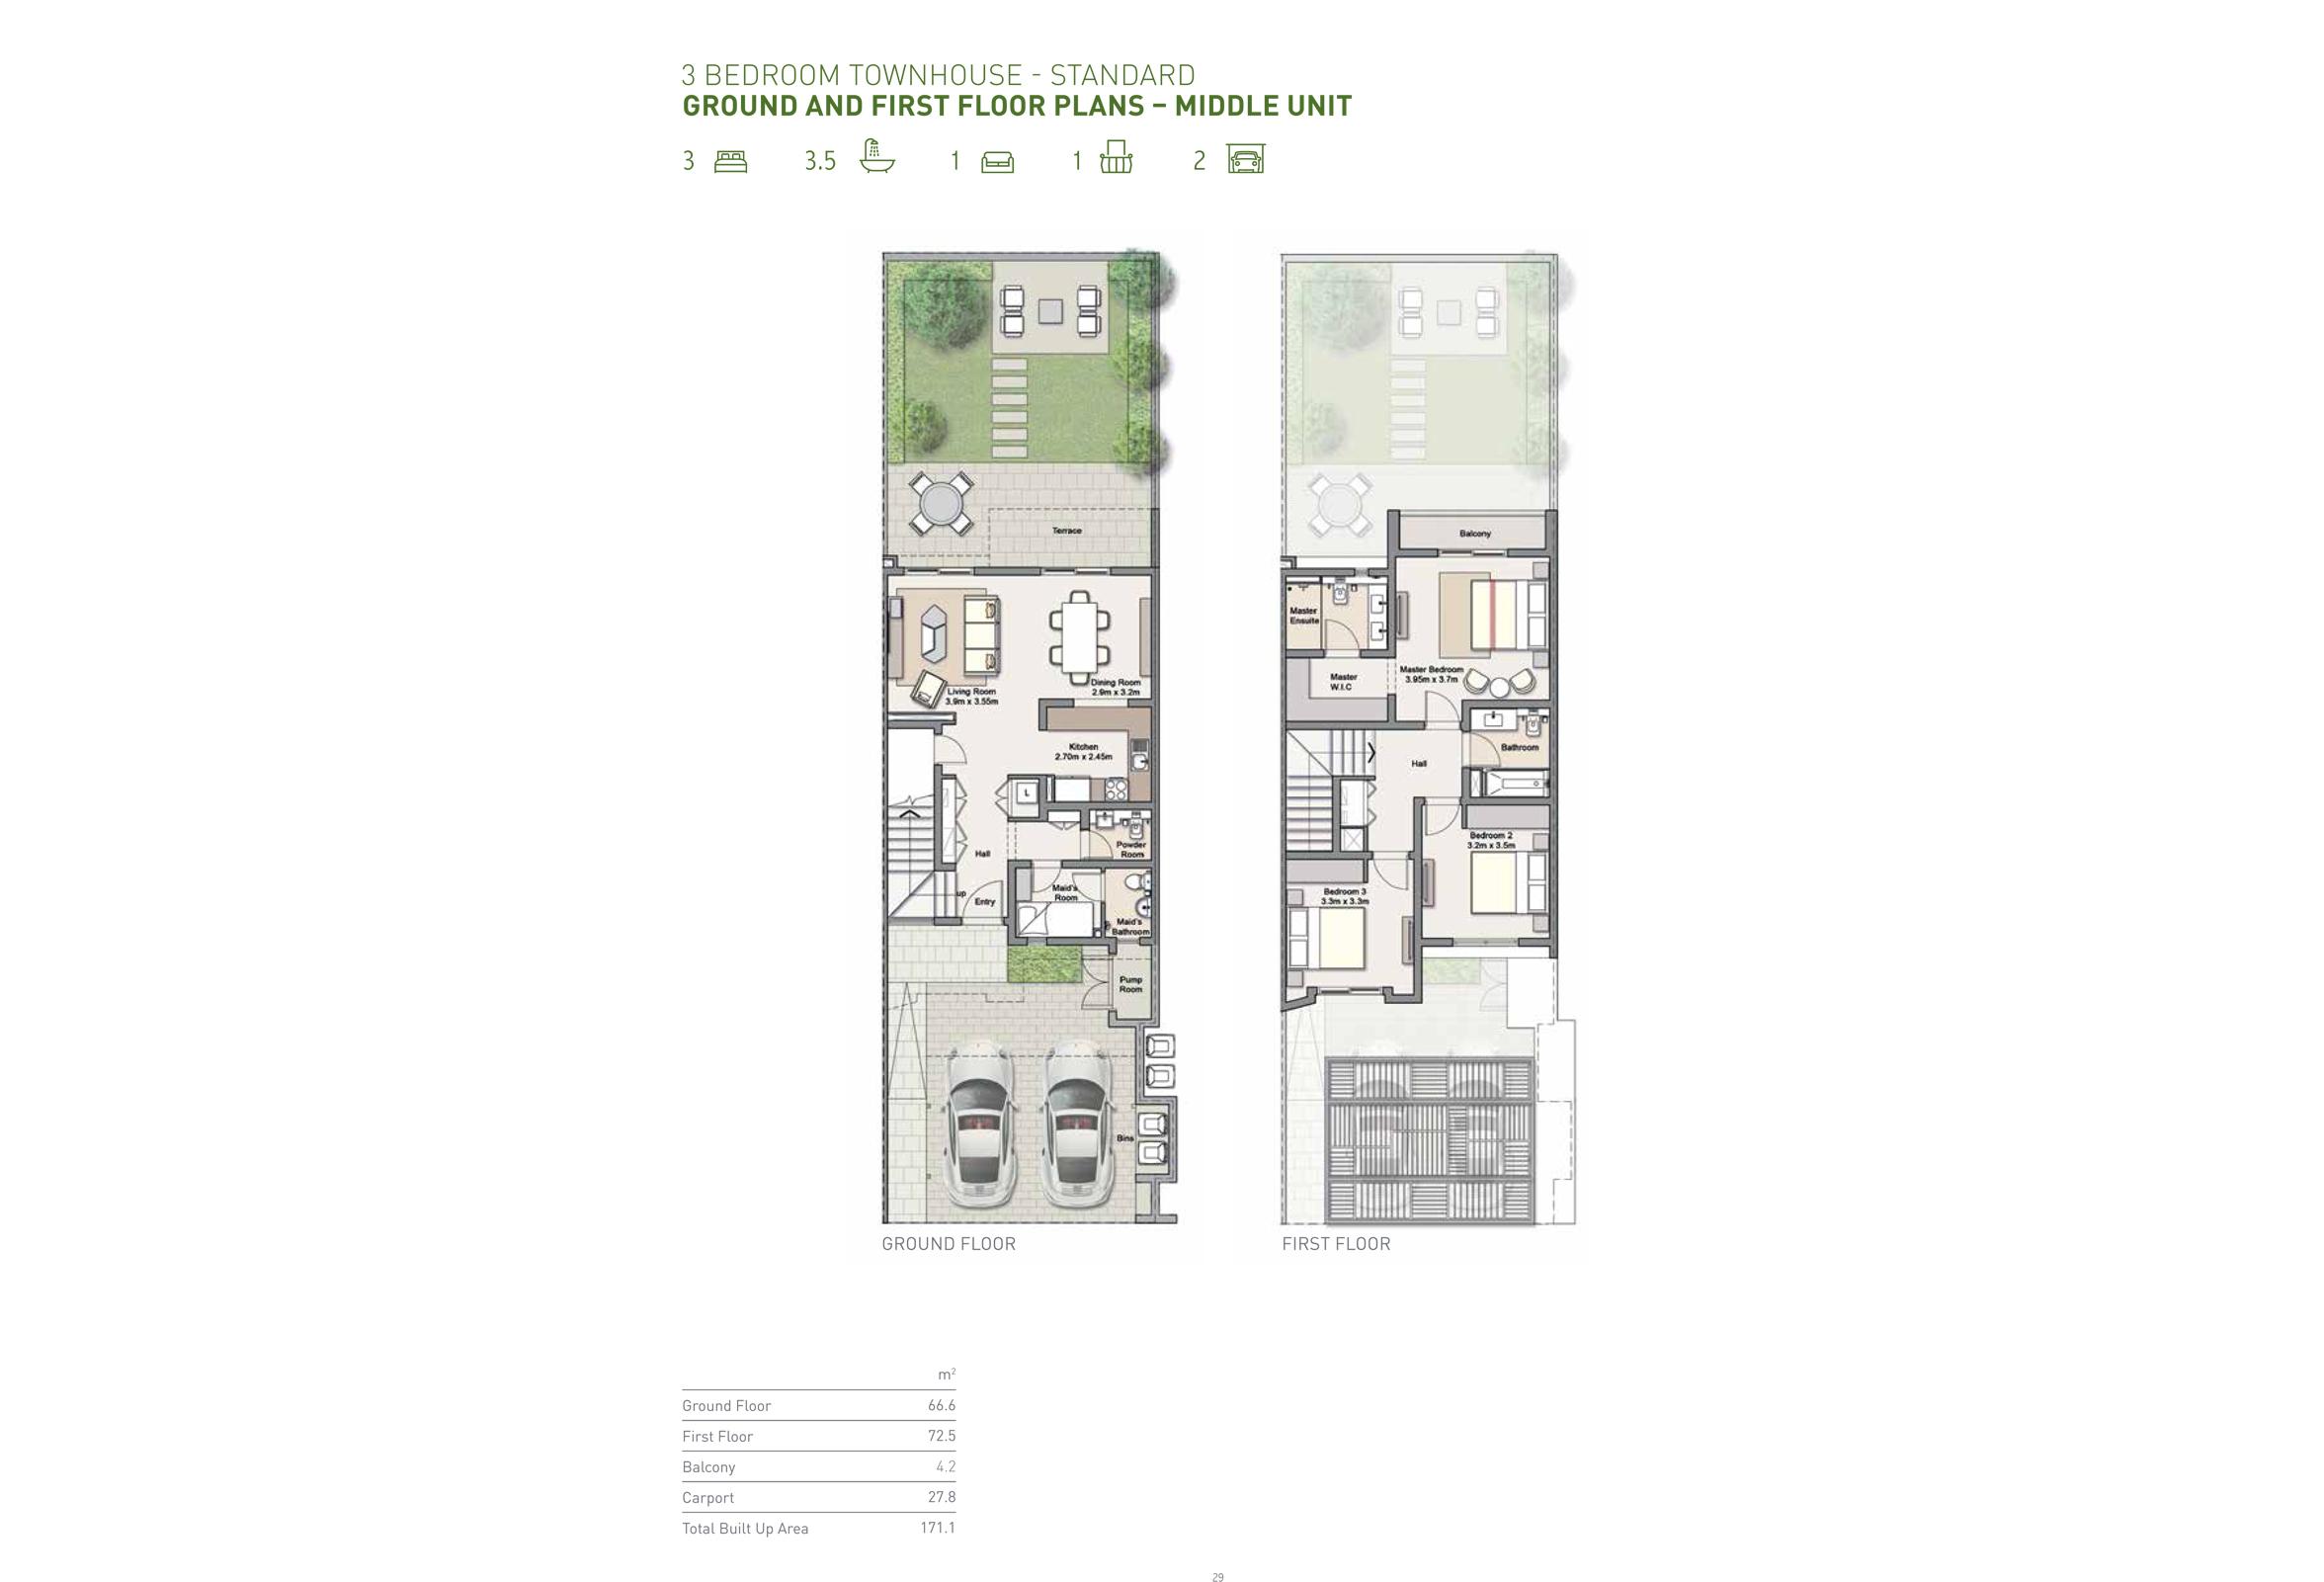 ثلاث غرف نوم – تاون هاوس إستندر – وحدة وسطية  – حجم 171 متر مربع